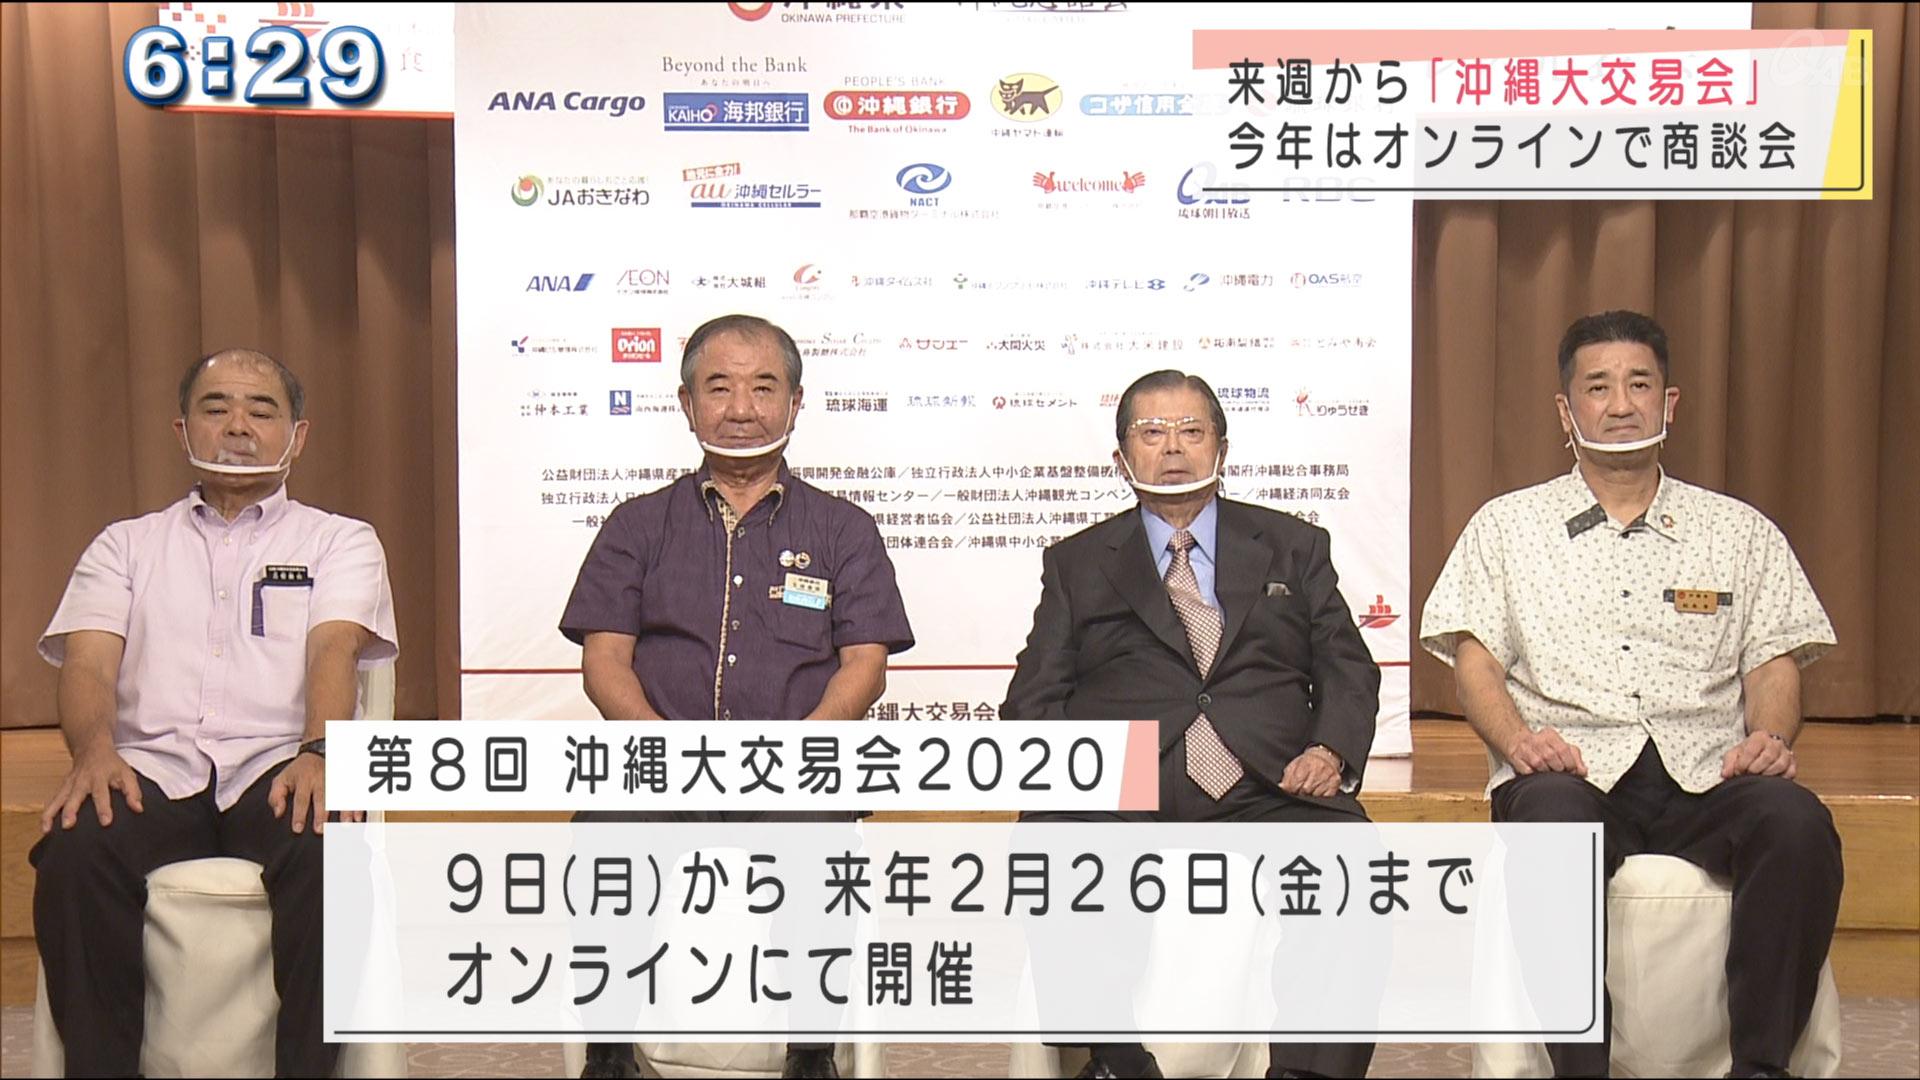 オンラインで過去最大規模に 沖縄大交易会2020